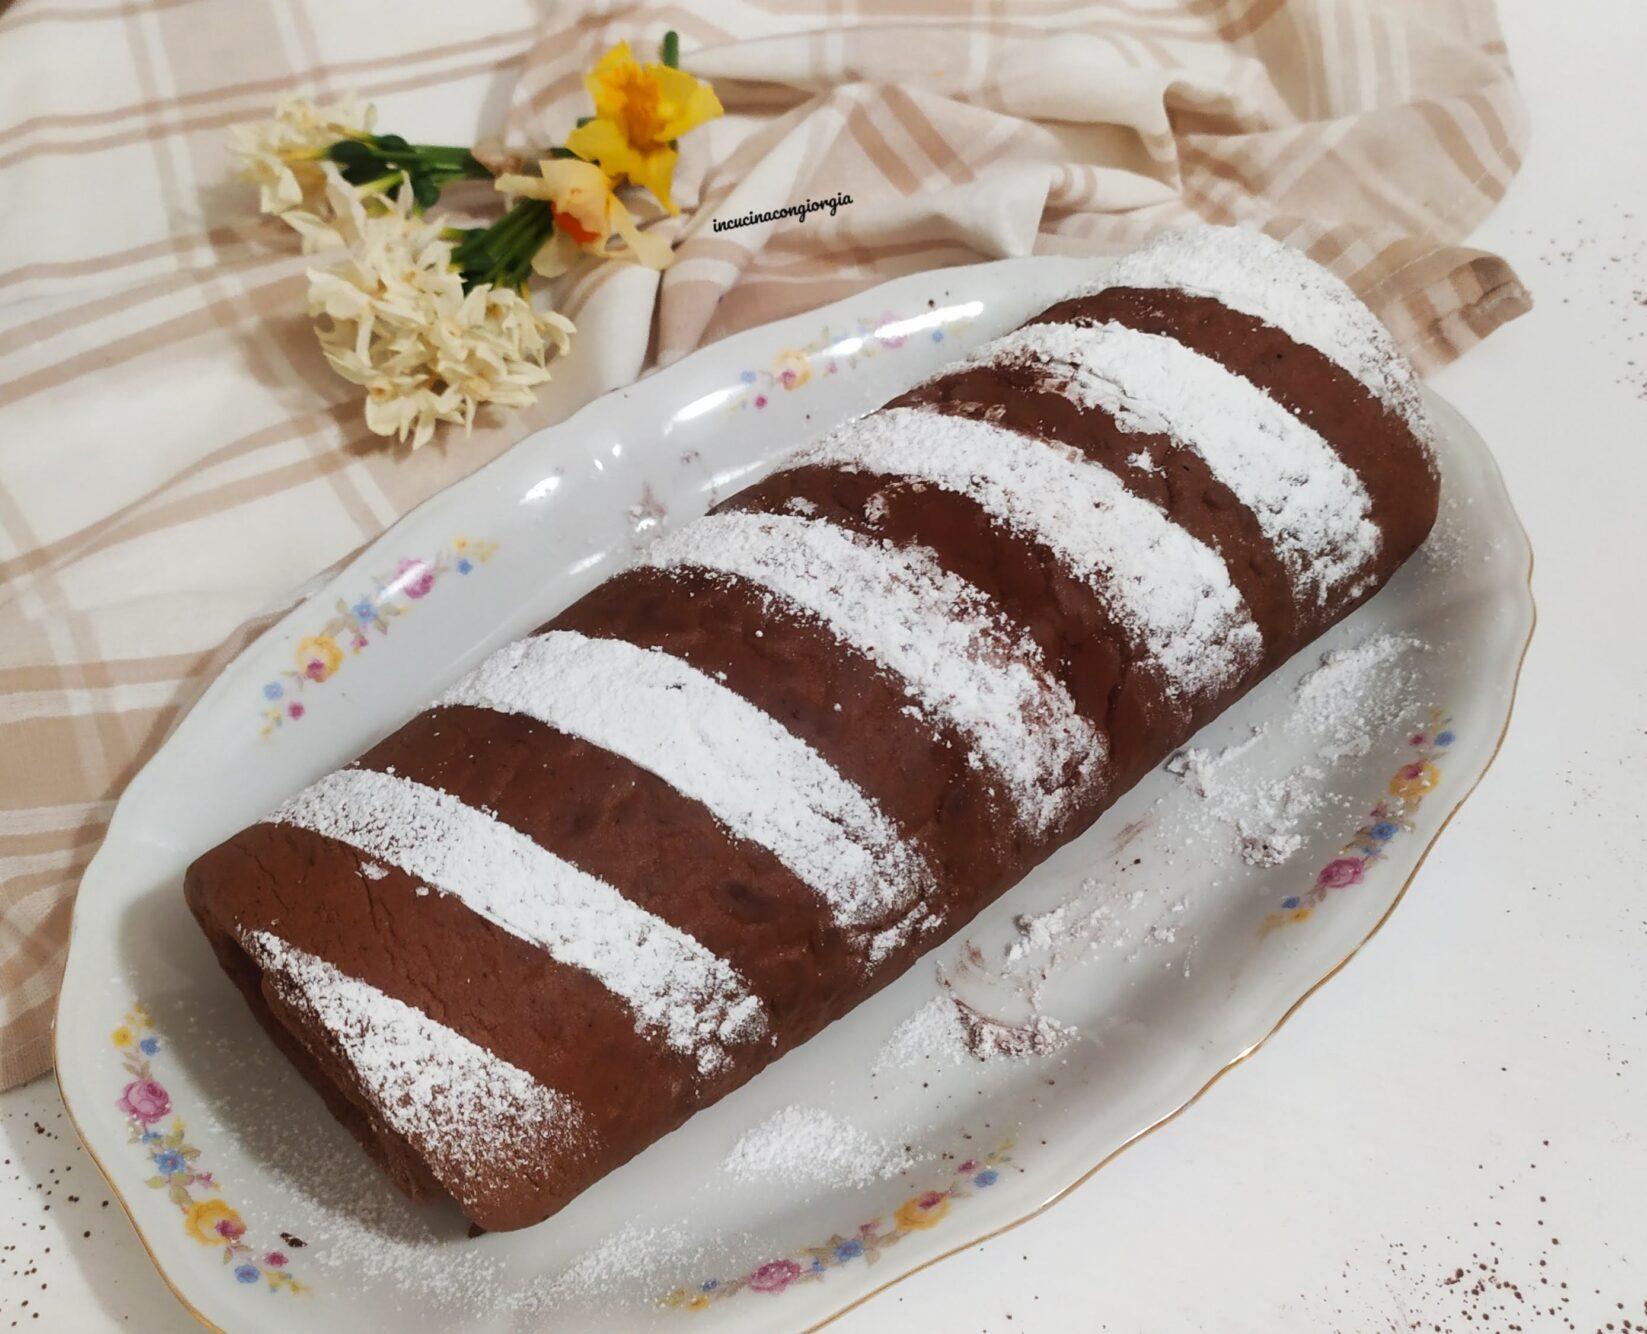 Rotolo al cacao ripieno di panna e mascarpone